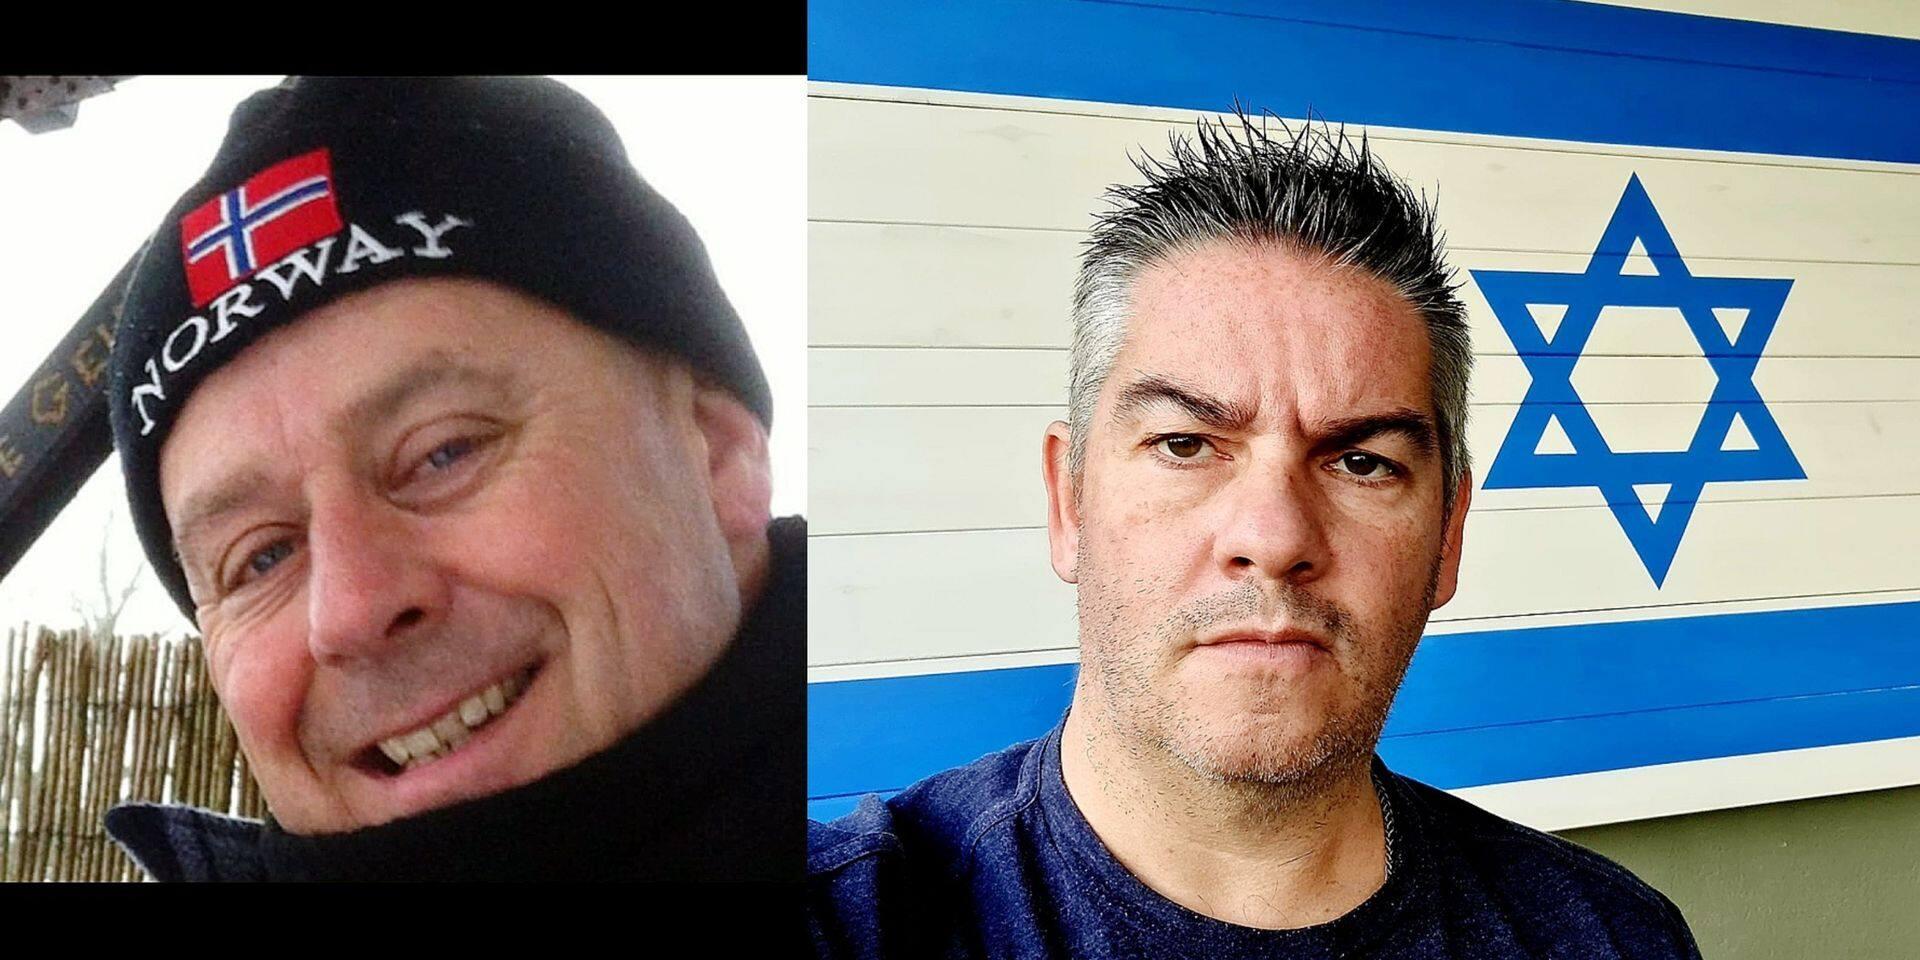 """Commissaire taxé d'antisémitisme par les deux policières de la vidéo raciste : """"jamais il n'y a eu une once de racisme chez Geert !"""""""